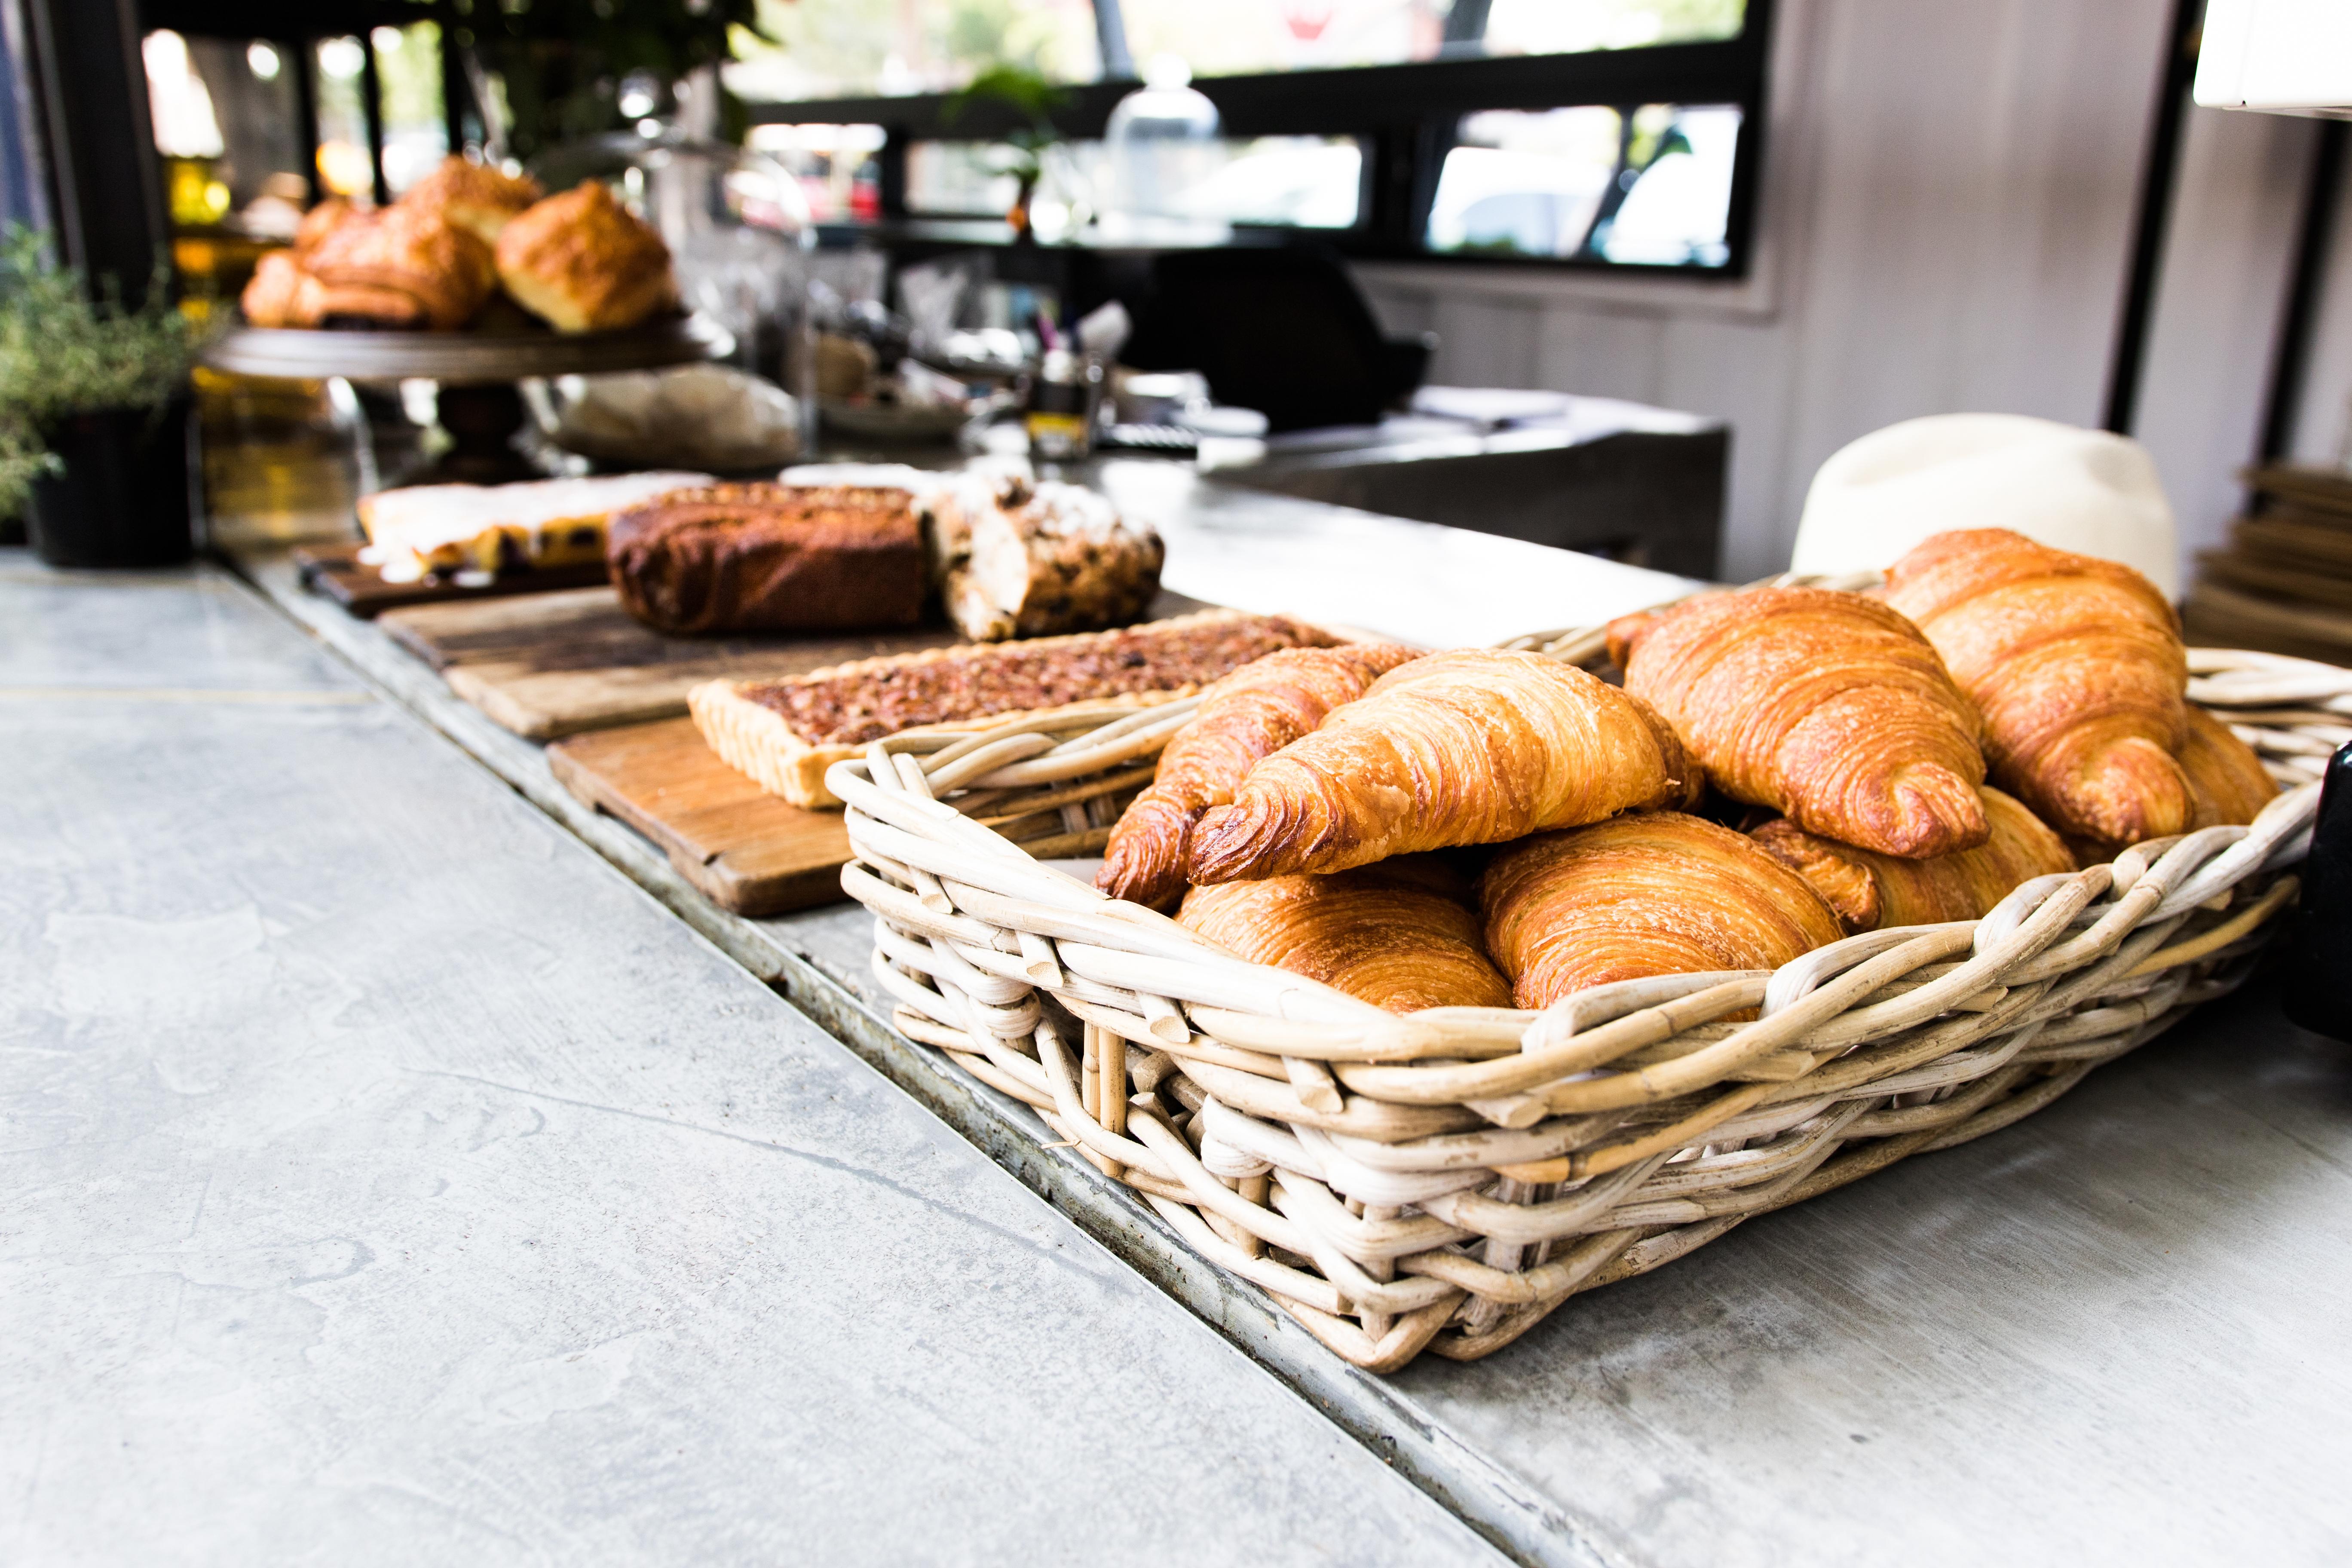 Looks Like a Gluten-Free Bakery Is Opening Near Campus